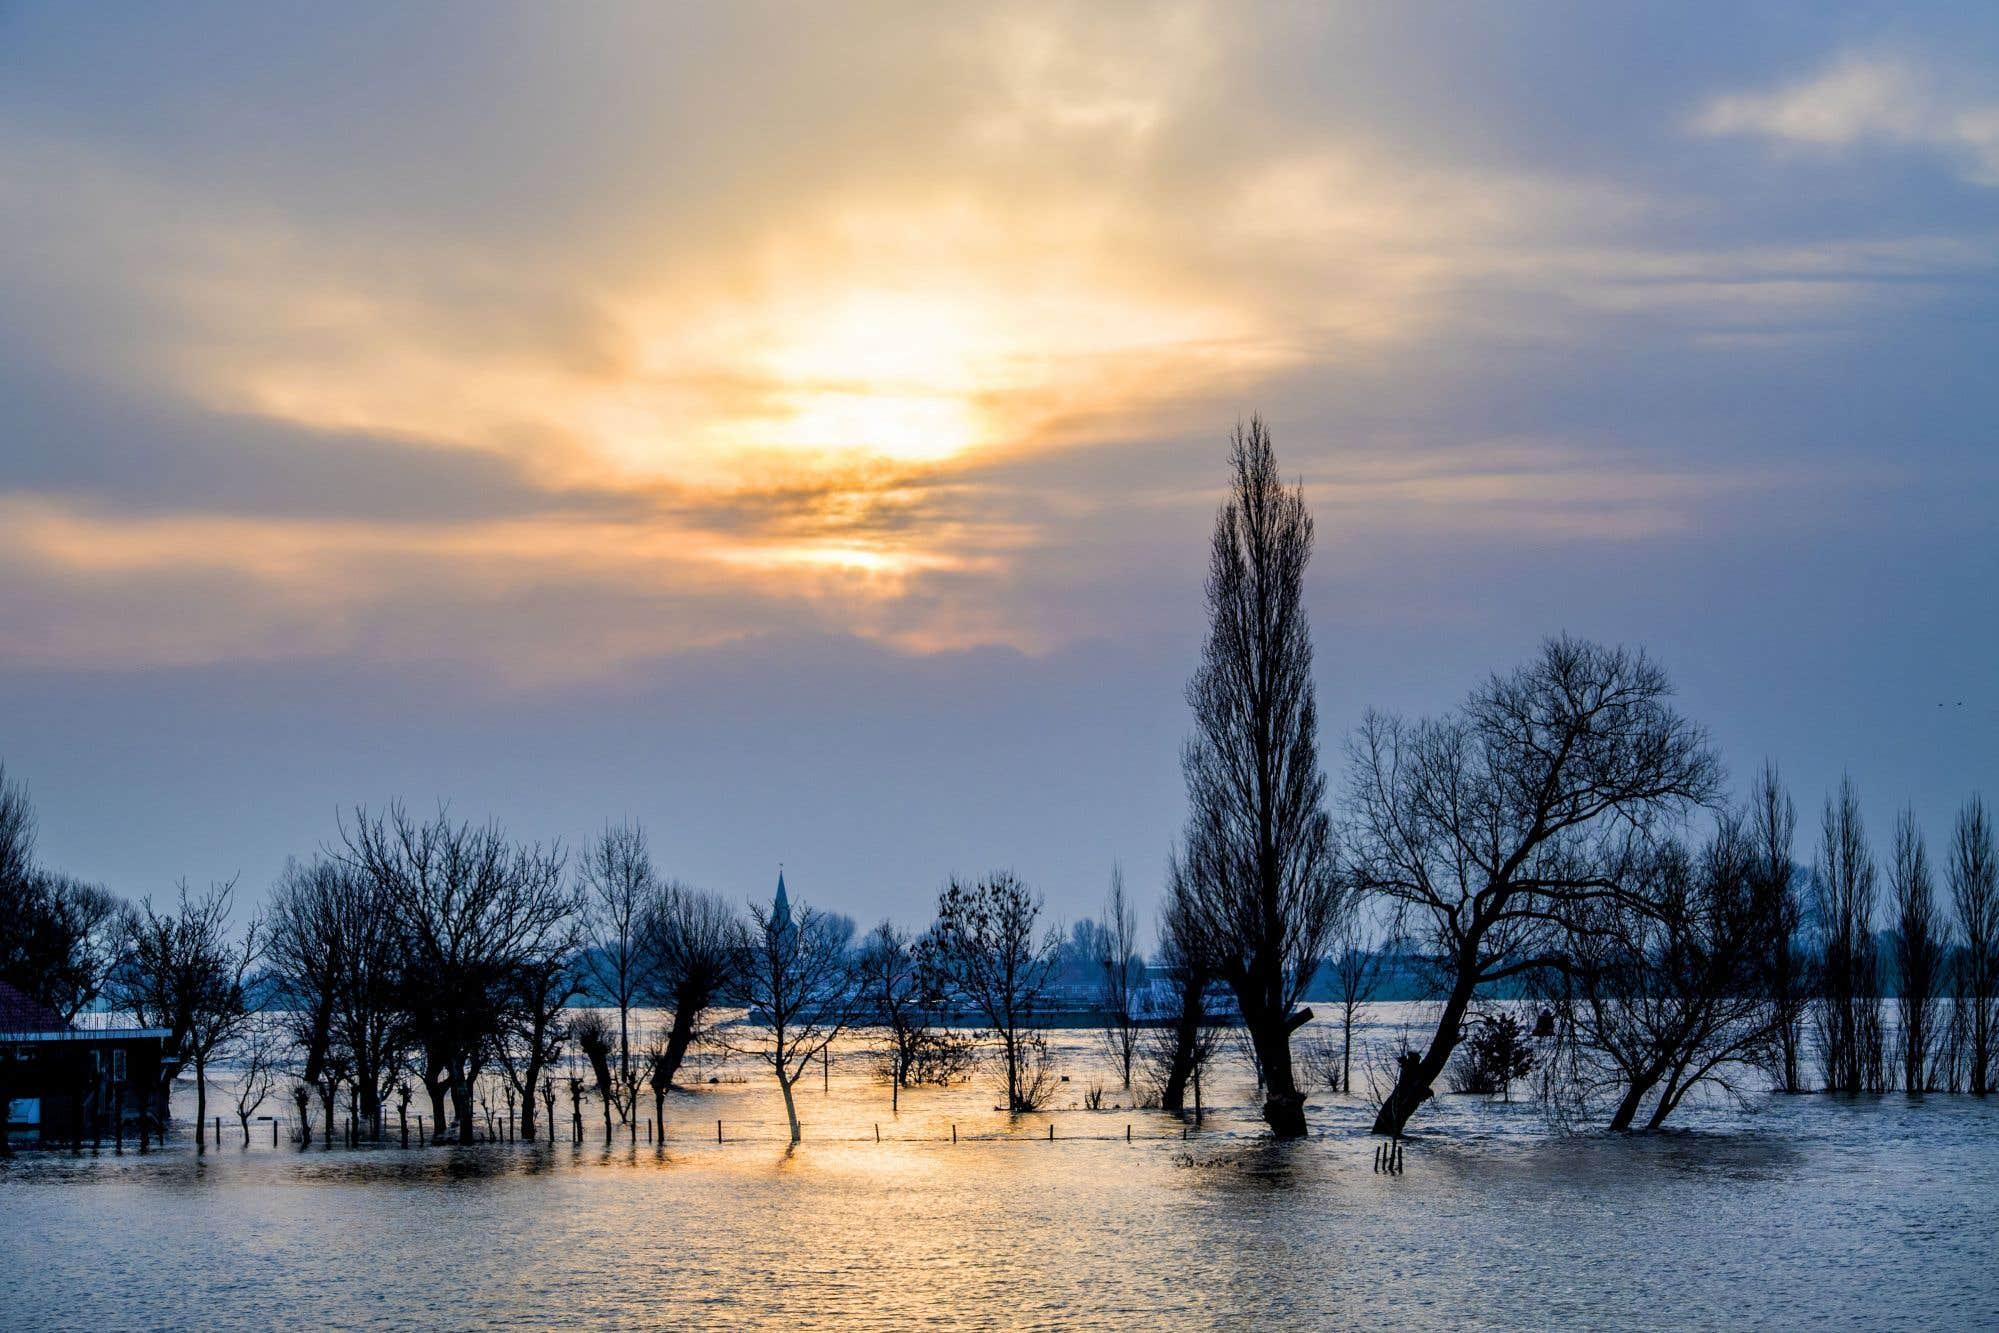 L'eau de la rivière Waal déborde sur le quai à Herwijnen à la suite de fortes pluies et de la fonte des neiges.